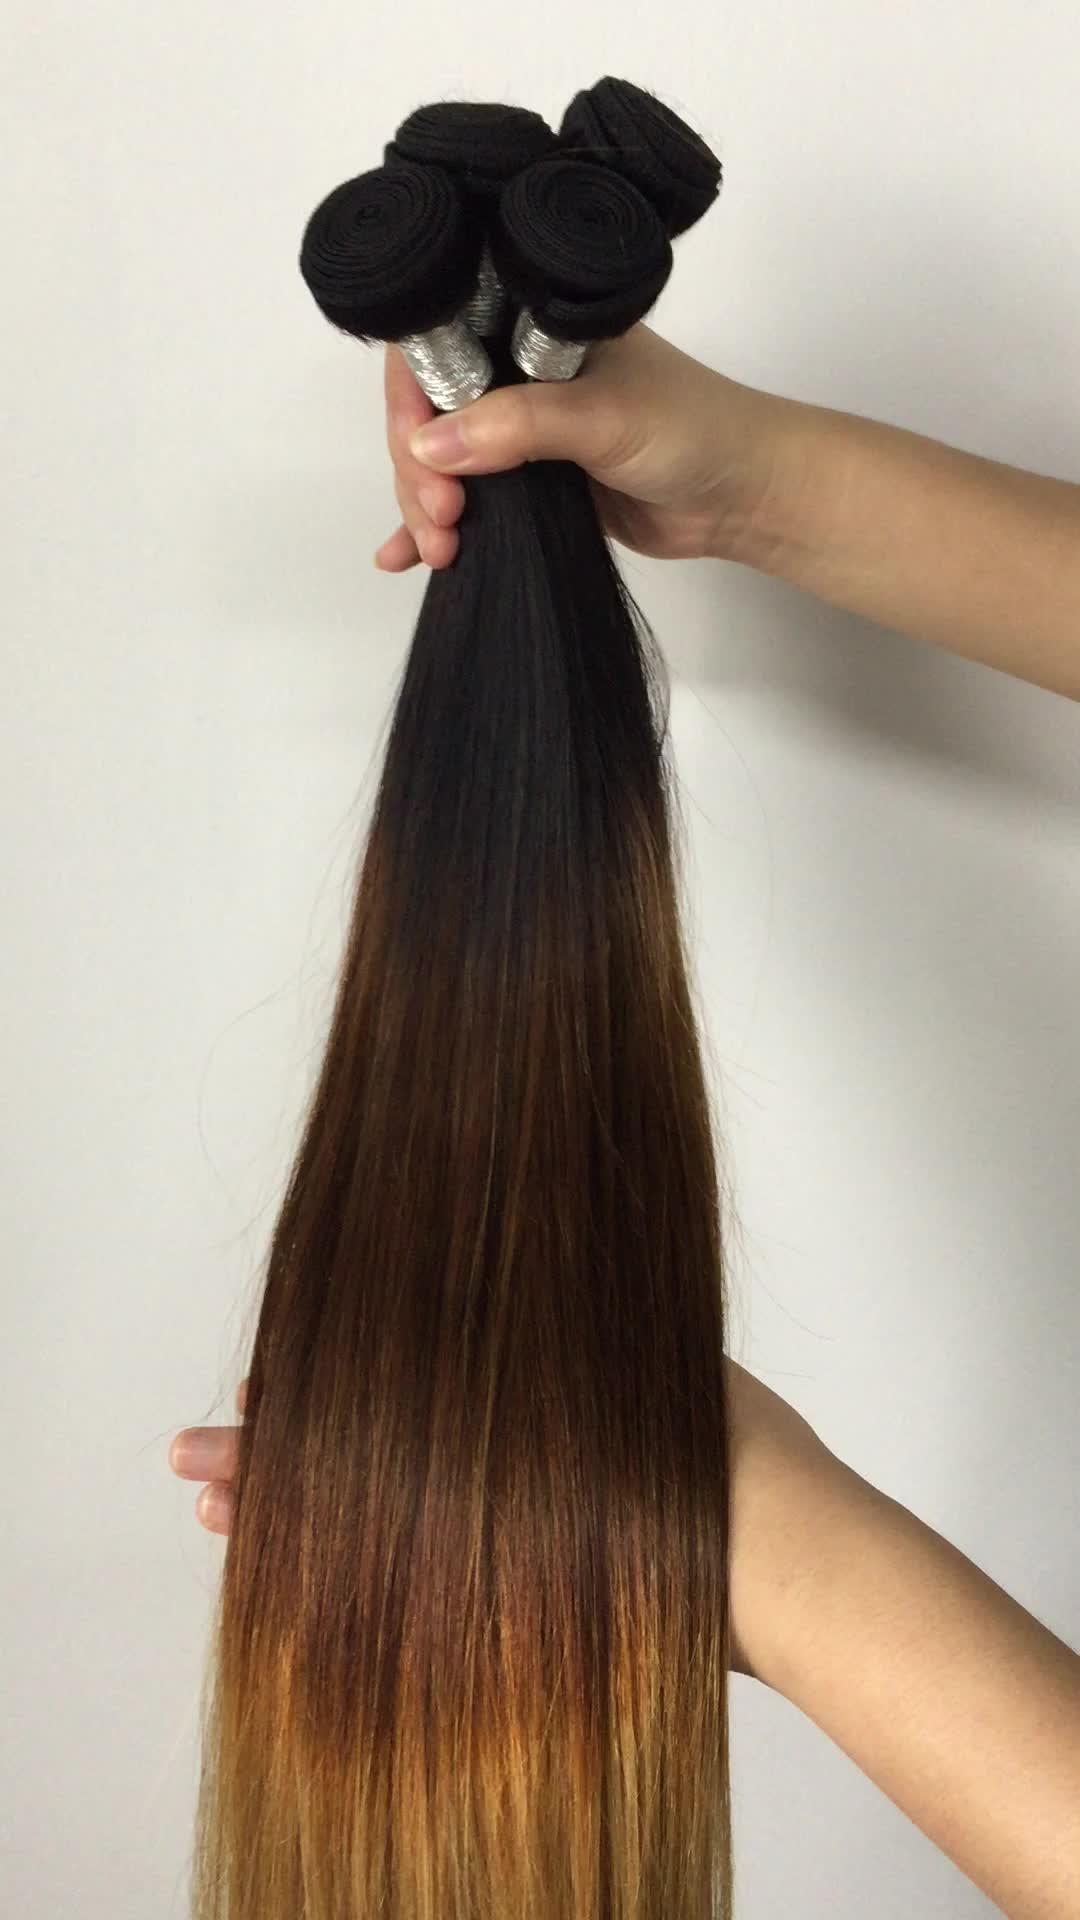 Tres tonos de Color Ombre 1b 4 27 brasileño sin procesar del pelo recto del pelo humano de la onda cutícula alineada sin enredo No arrojar humanos pelo